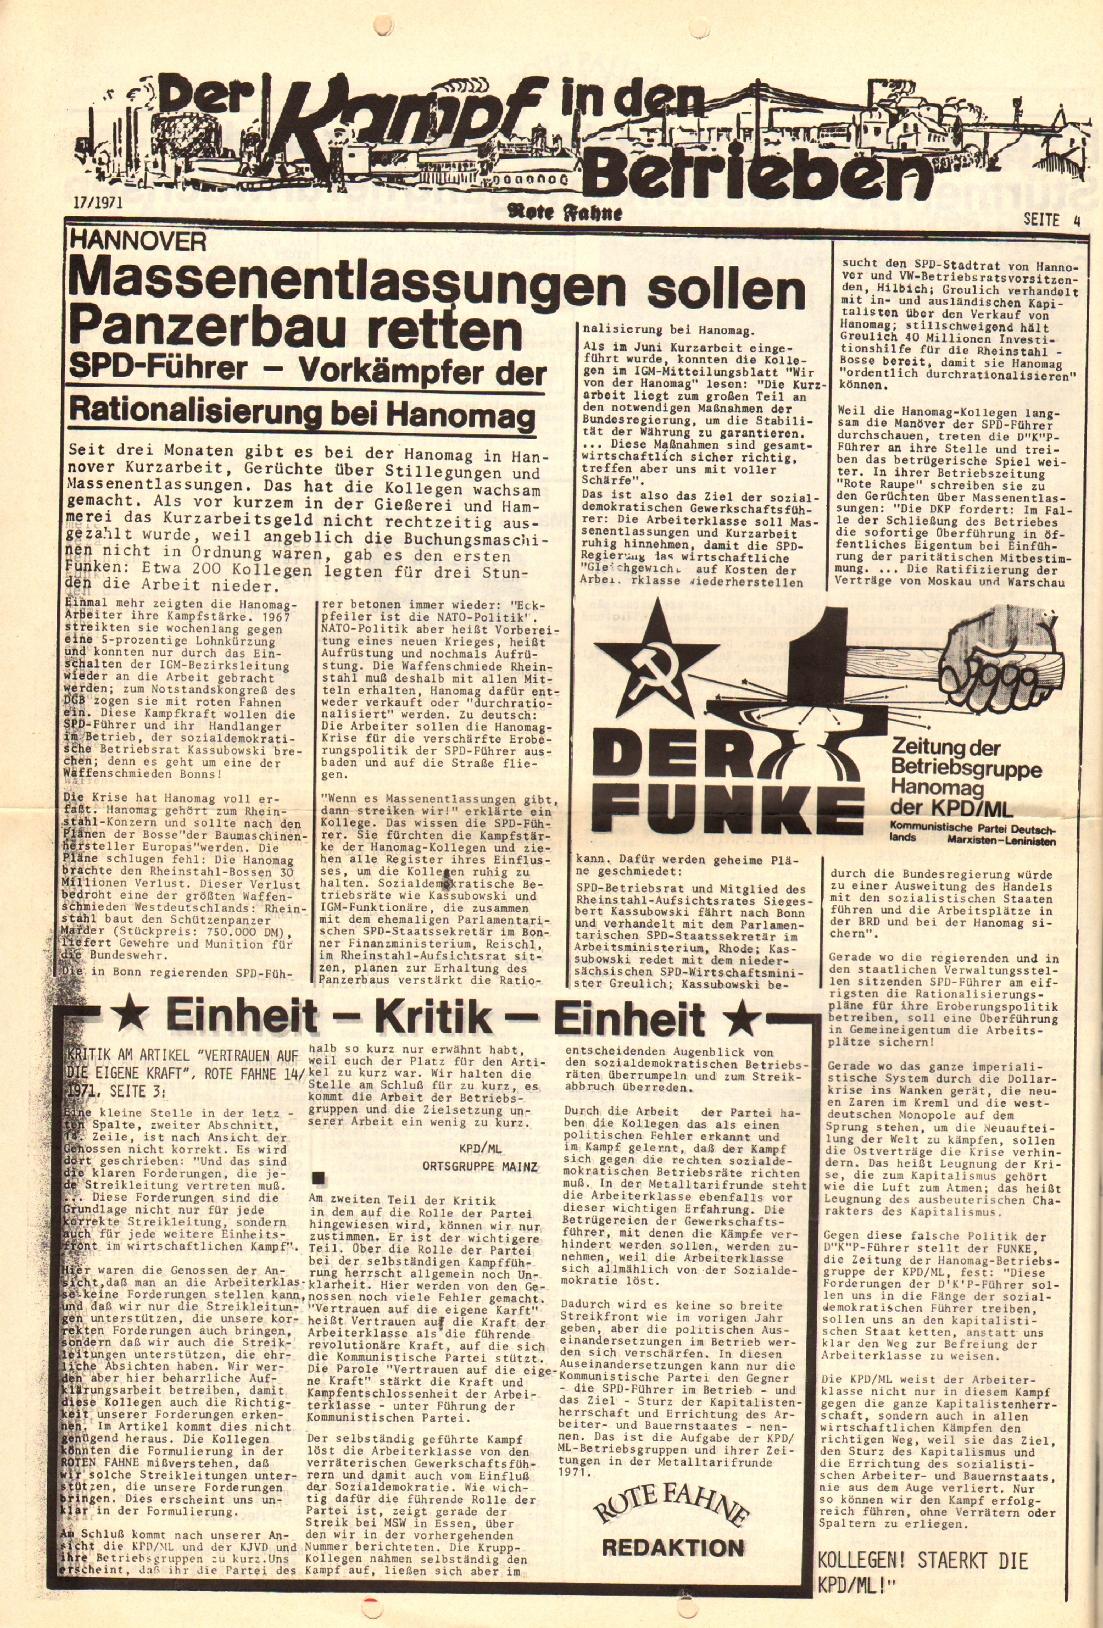 Rote Fahne, 2. Jg., 30.8.1971, Nr. 17, Seite 4